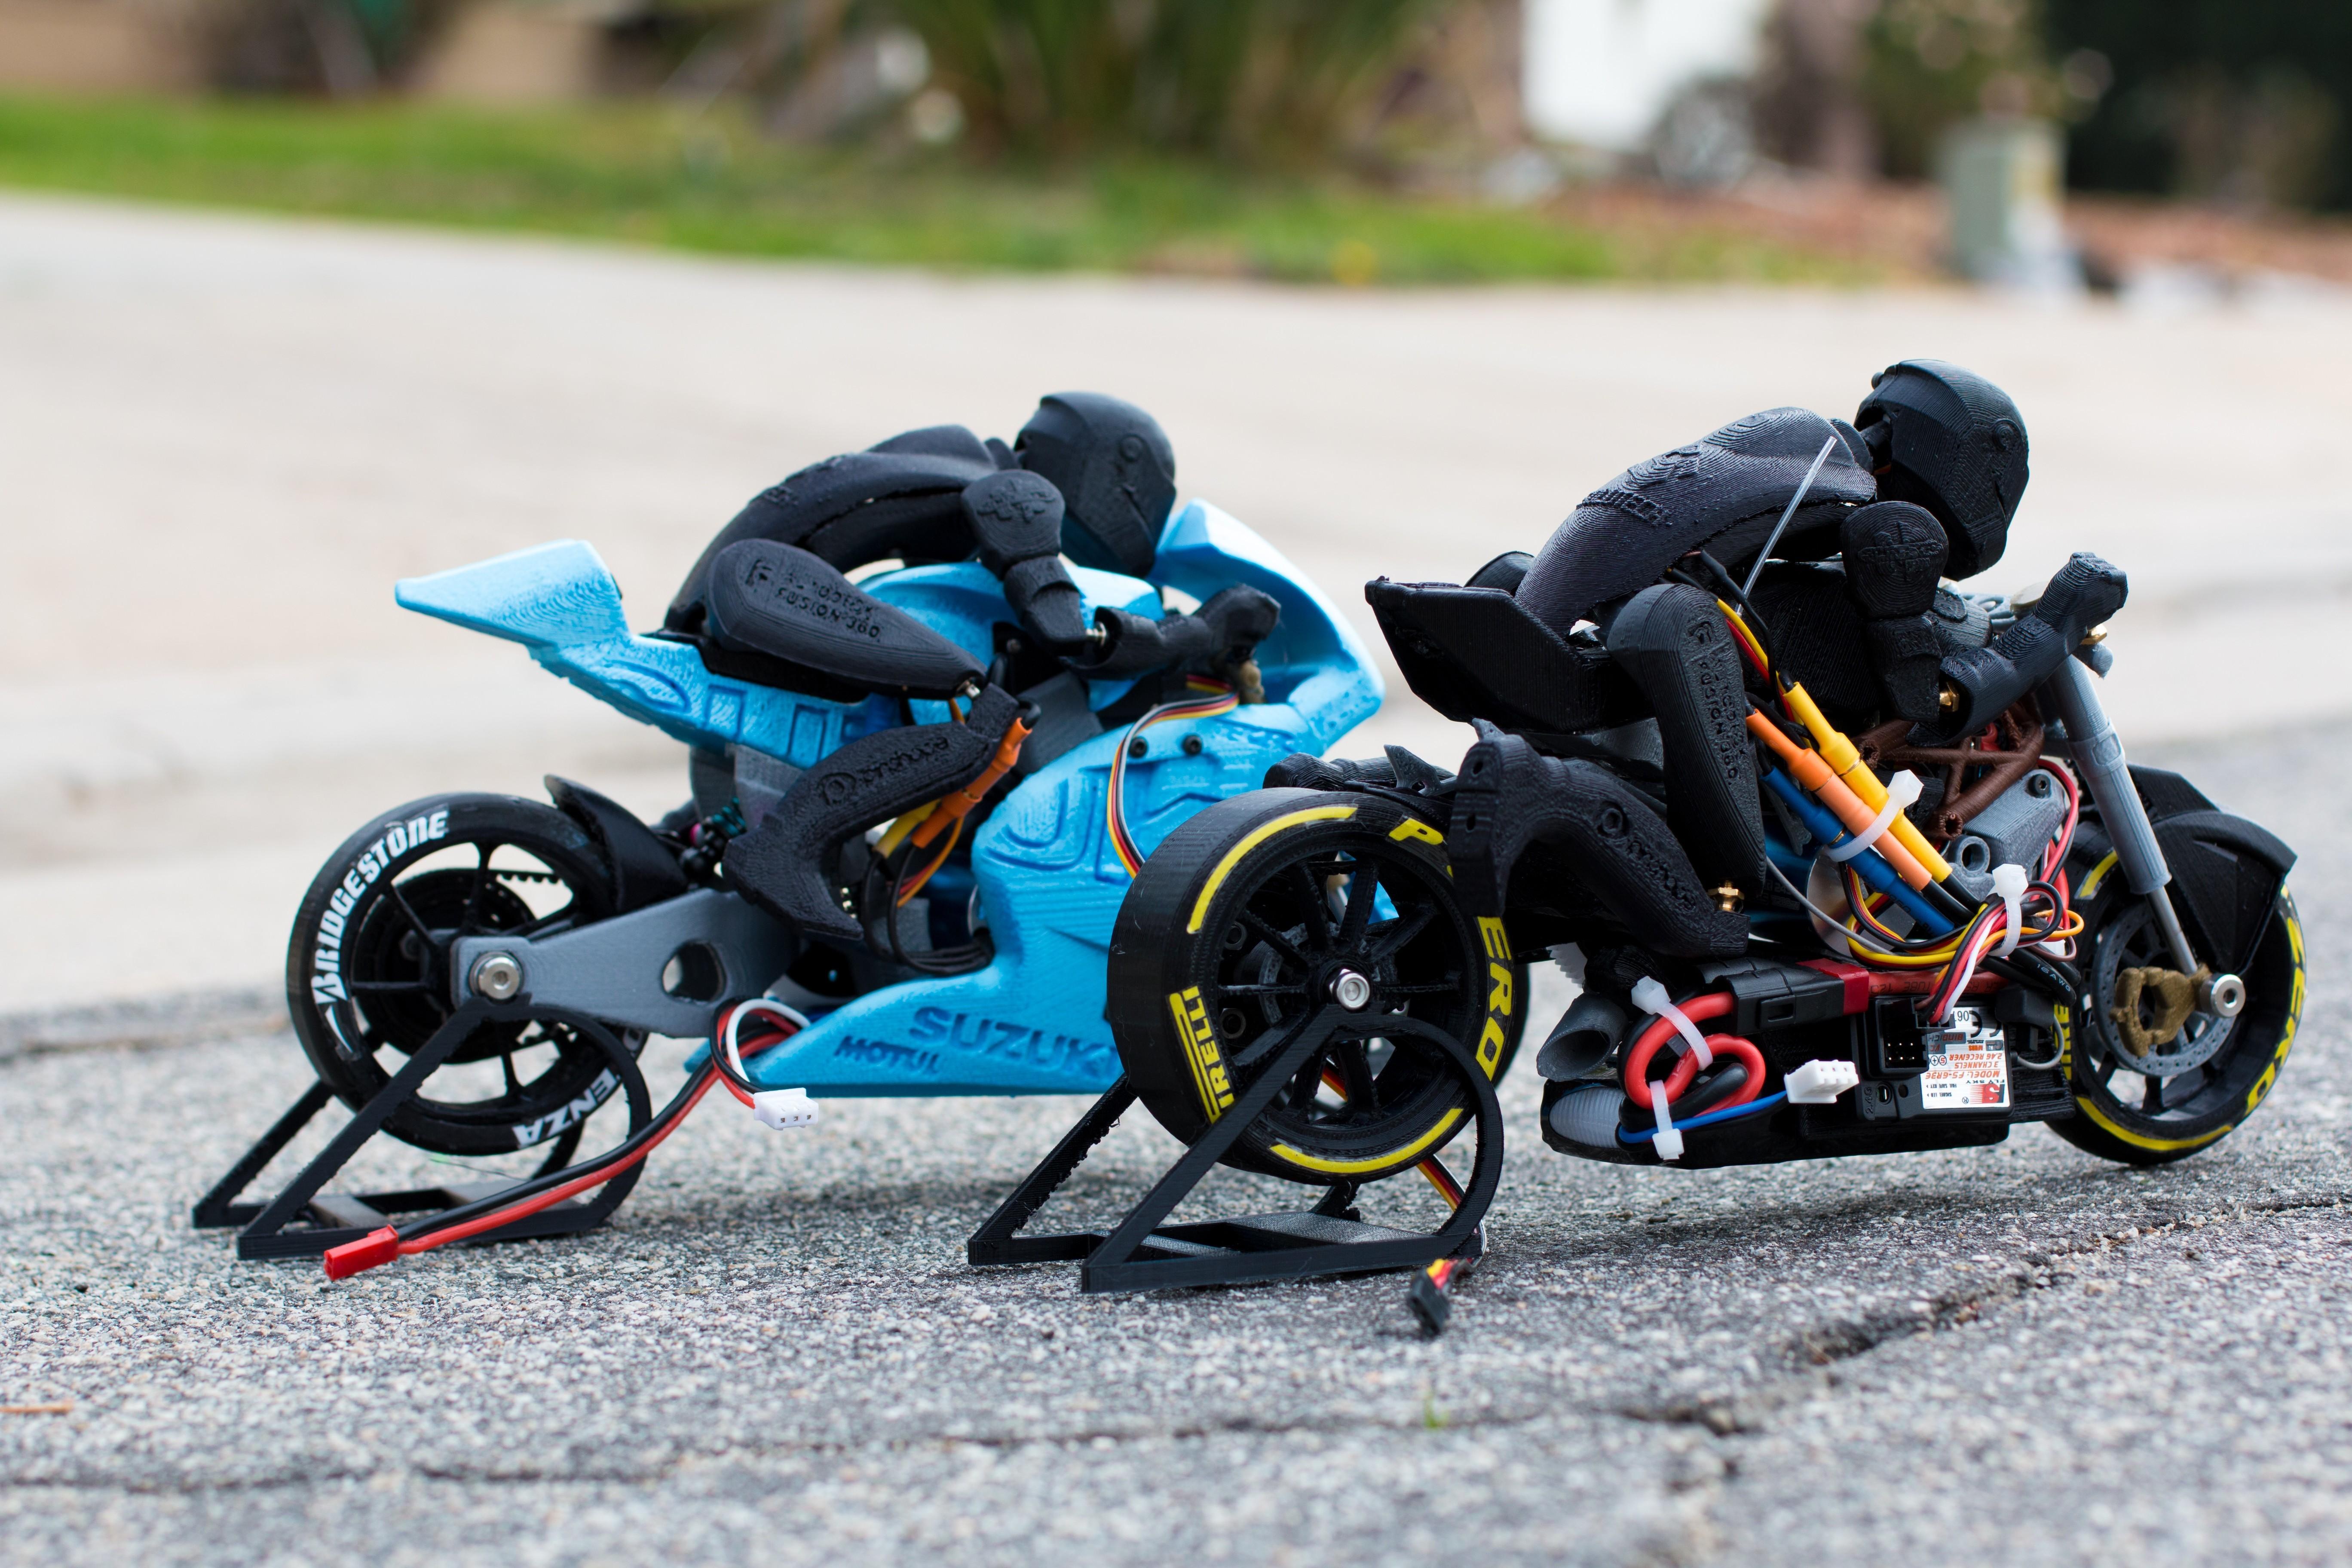 _MG_4398-2.jpg Télécharger fichier STL gratuit 2016 Ducati Draxter Concept Drag Bike RC • Design à imprimer en 3D, brett